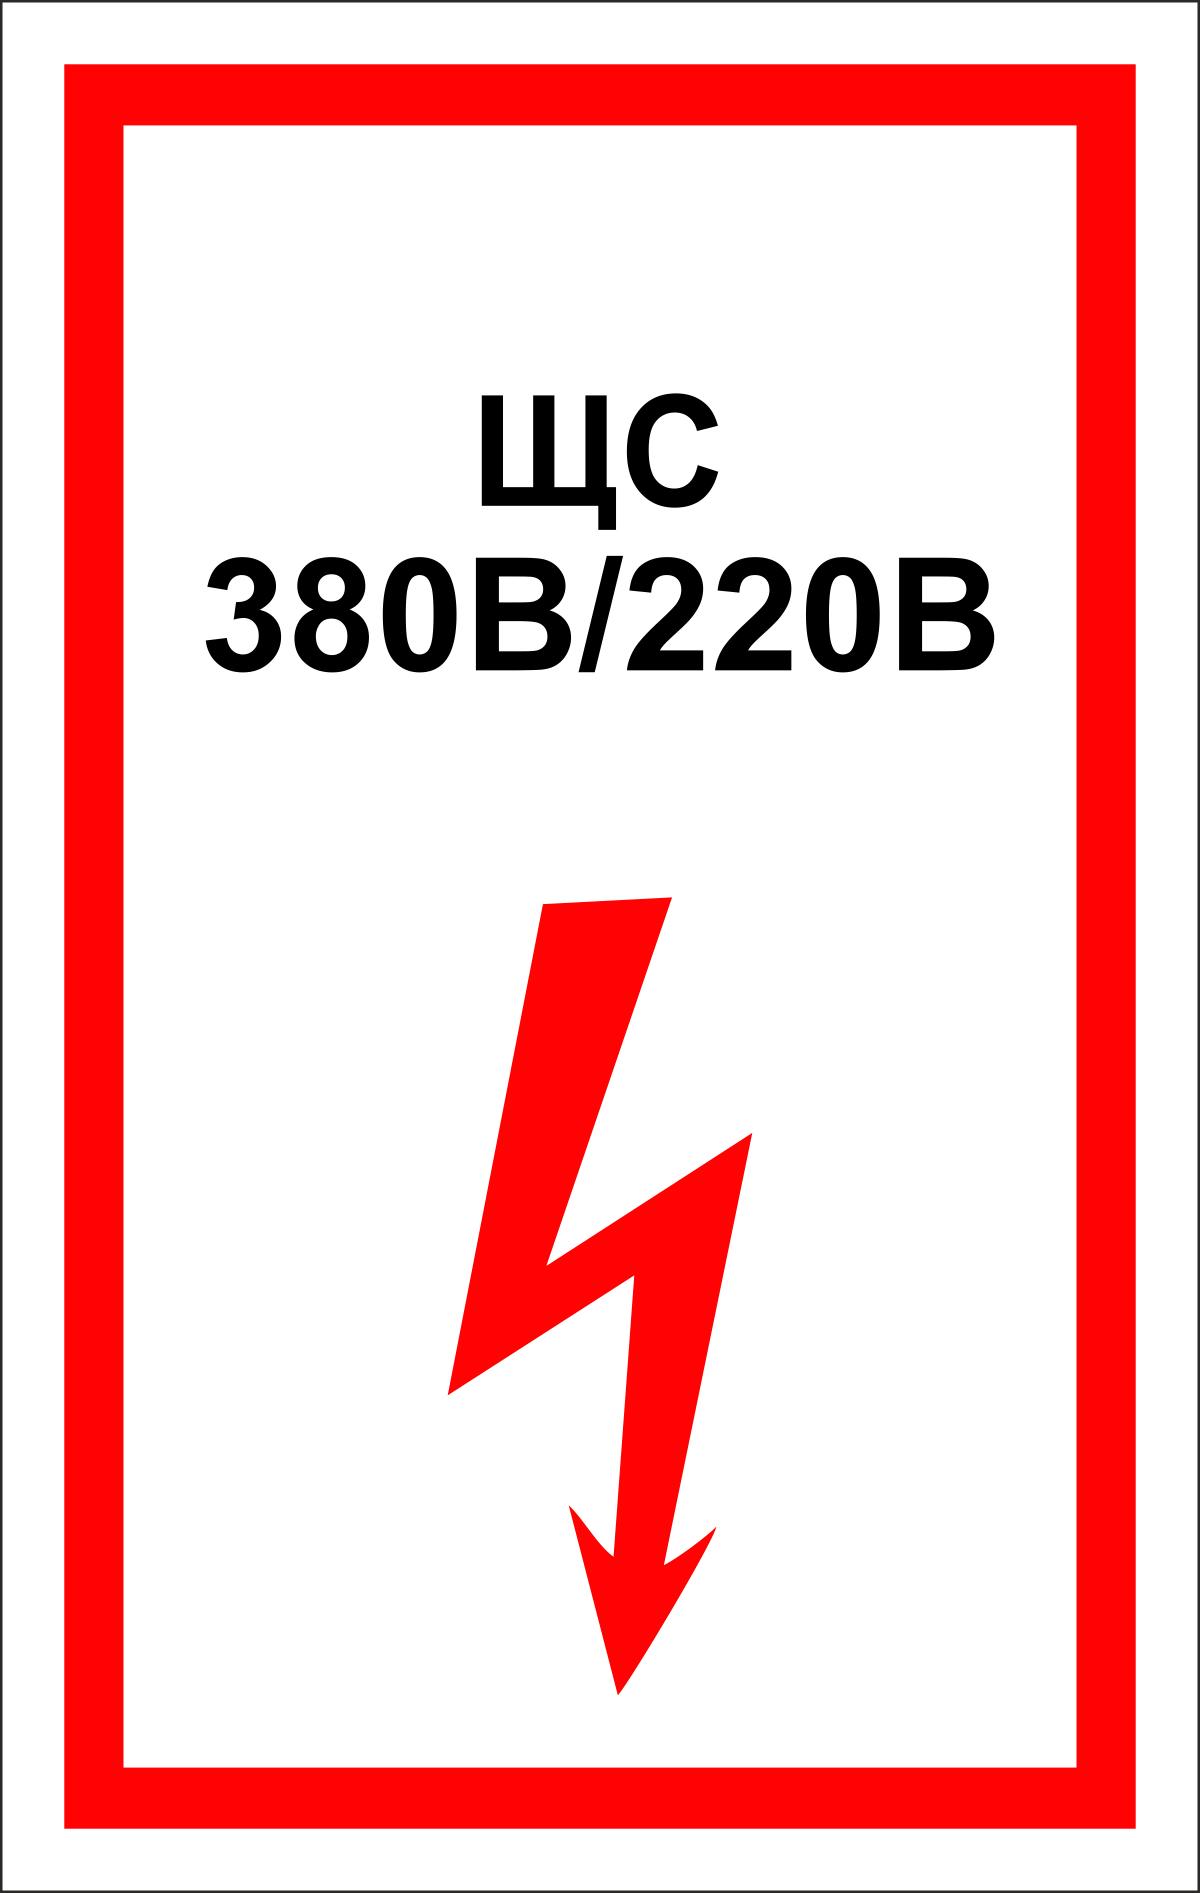 Наклейка информационная Оранжевый Слоник ЩС 380В/220В, 15 х 15 см